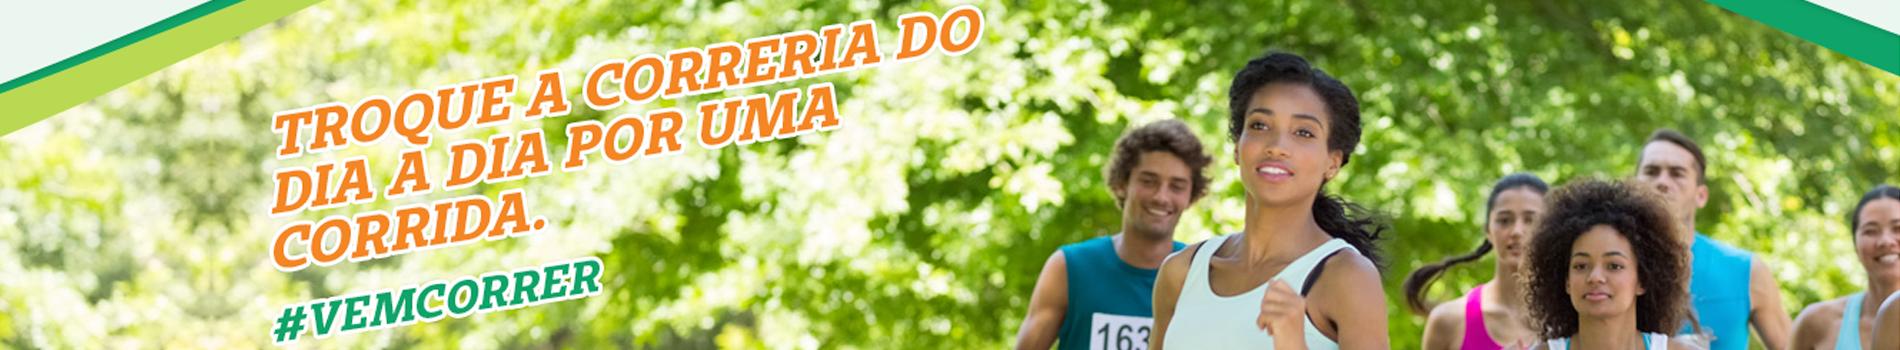 CIRCUITO ESTADUAL UNIMED SANTA CATARINA 2015 - ETAPA SÃO MIGUEL DO OESTE - Imagem de topo